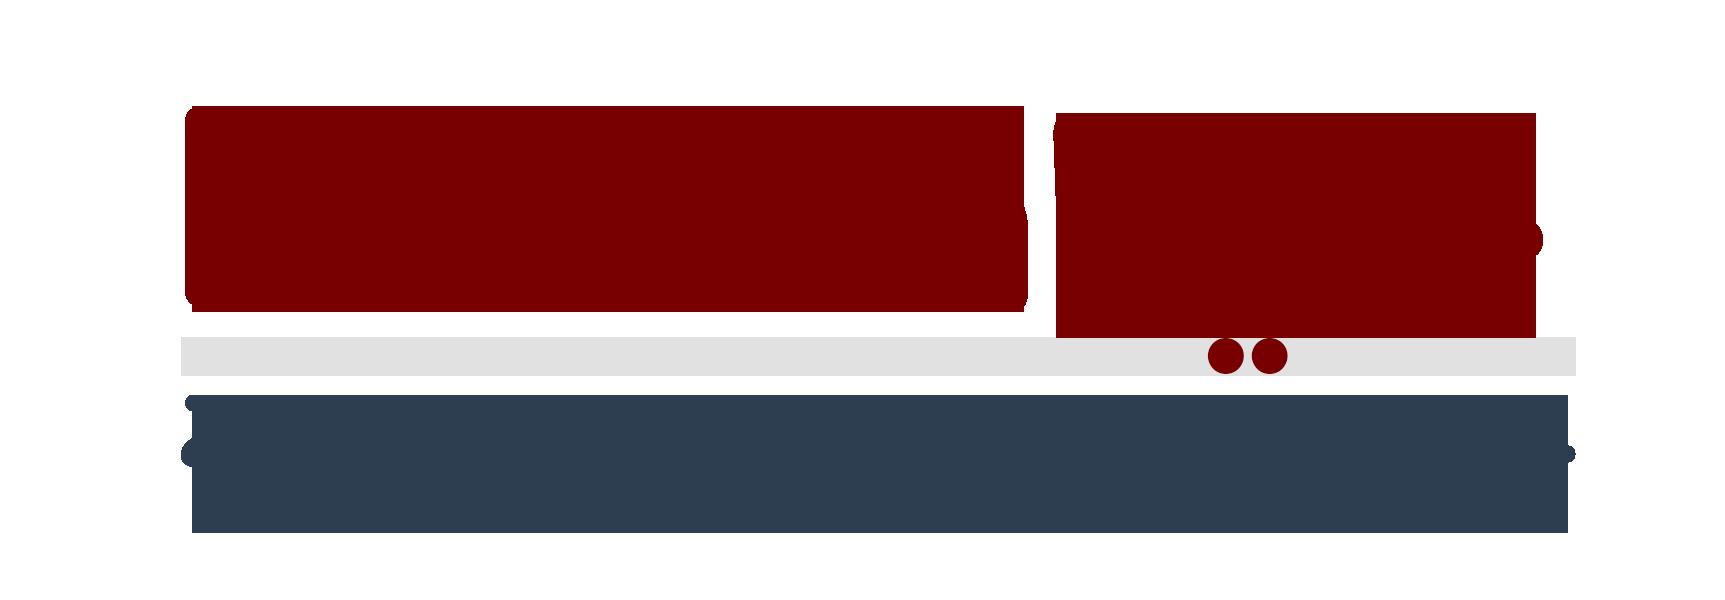 Khallina